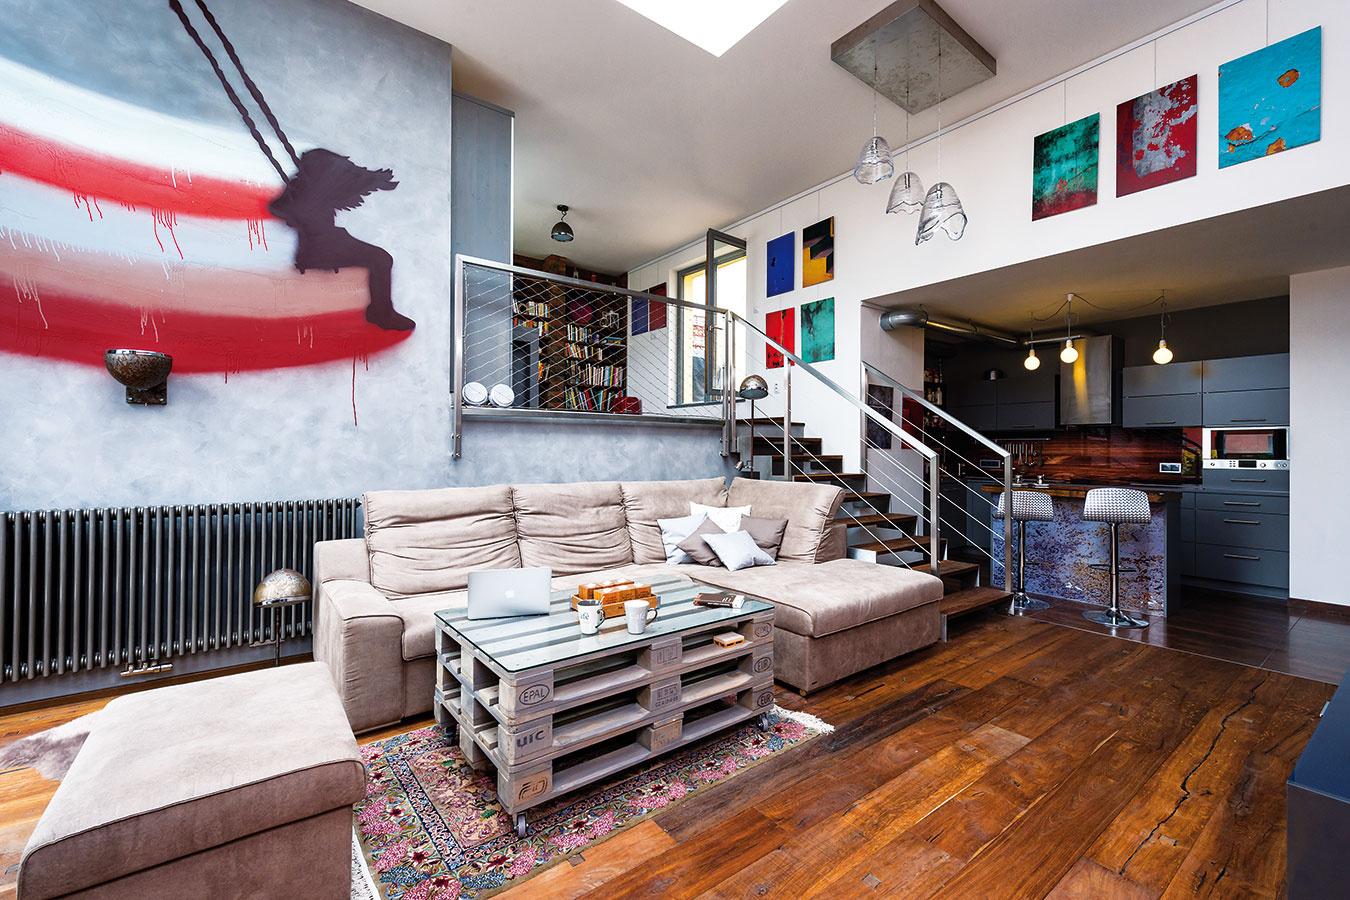 Členitý denný priestor, na ktorý nadväzujú vonkajšie terasy, tvorí podstatnú časť penthousu – strešného bytu zaberajúceho najvyššie poschodie novostavby.